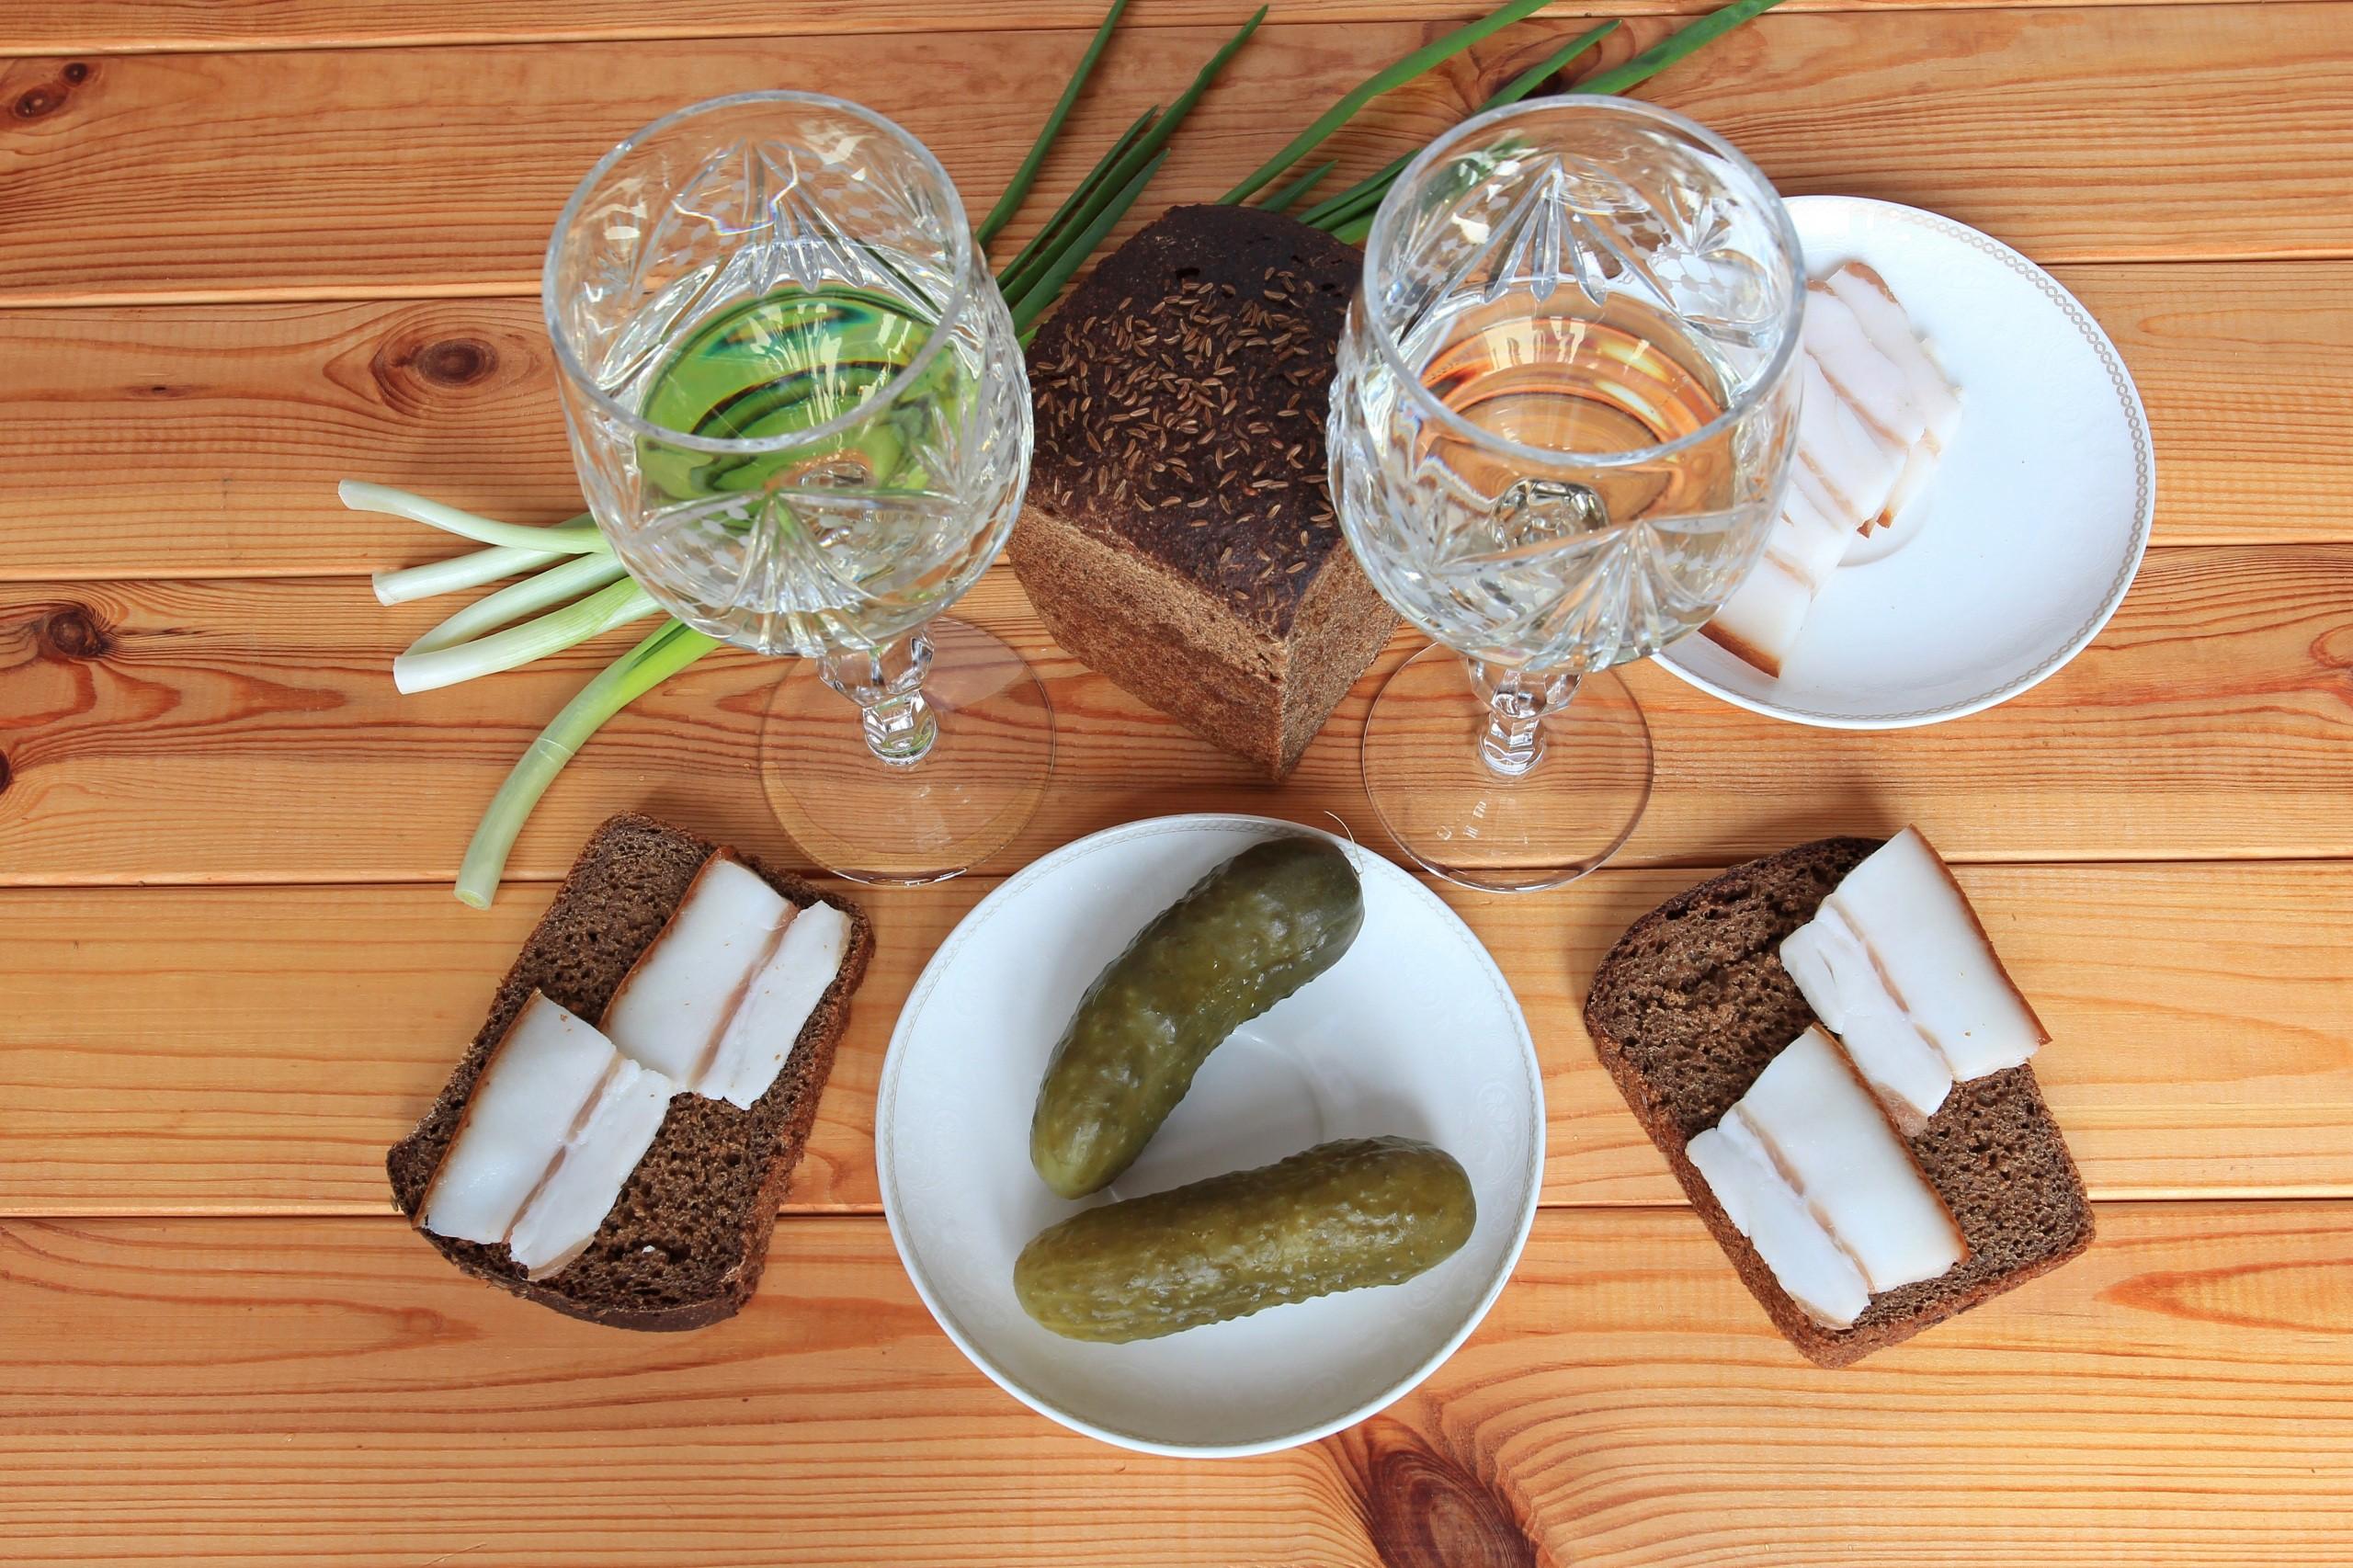 Пожелания, картинки рюмки с водкой и салом